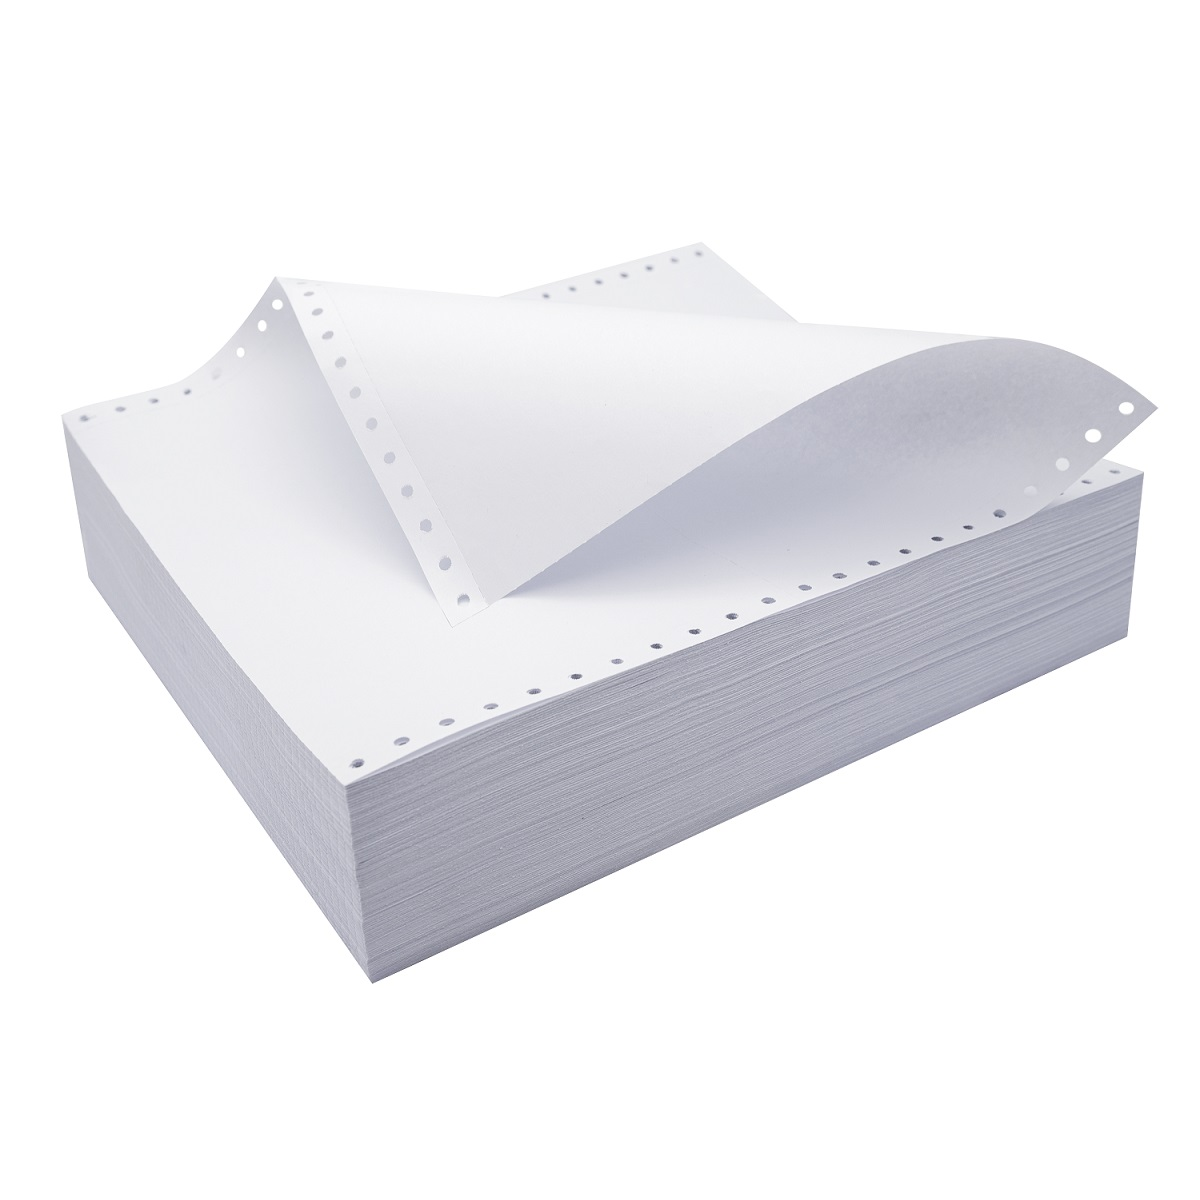 Эксклюзивный для Филиппины Все Белый 3 слоя непрерывная подача cамокопирующая бумага компьютера NCR бумага форма 241*280, 9,5*11